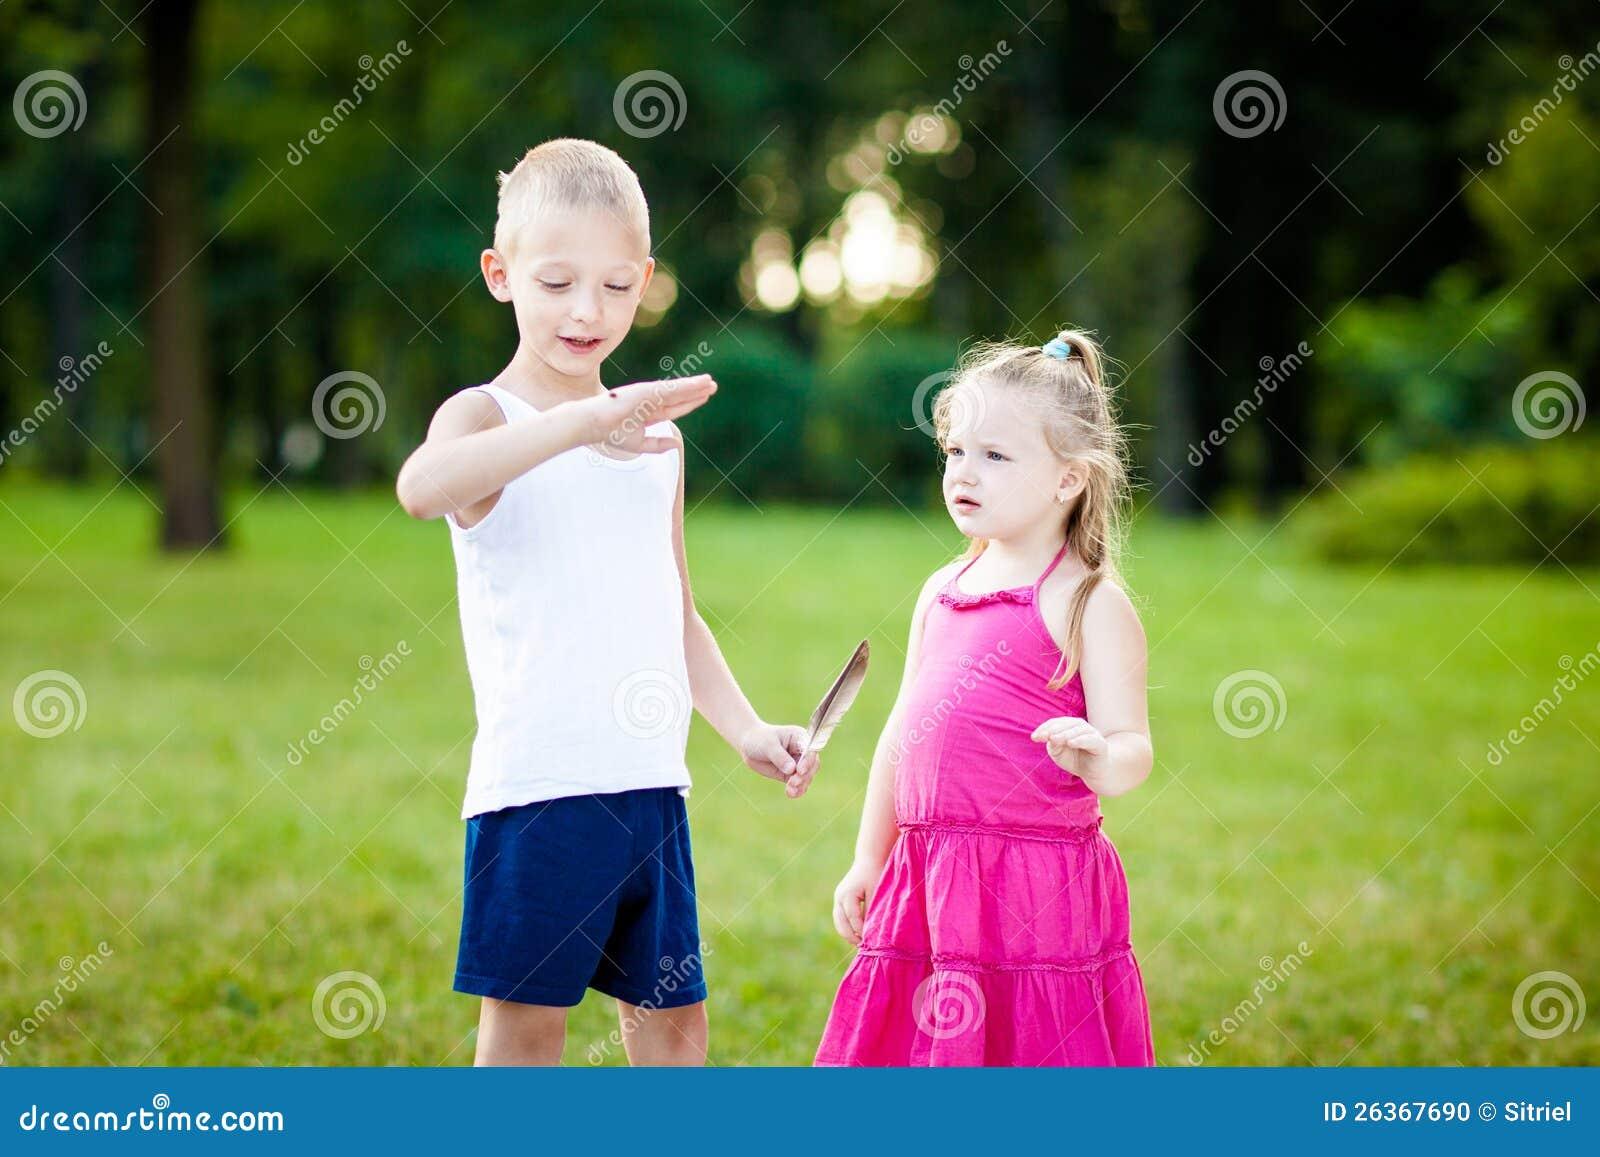 Kleiner Junge und Mädchen mit Marienkäfer im Park